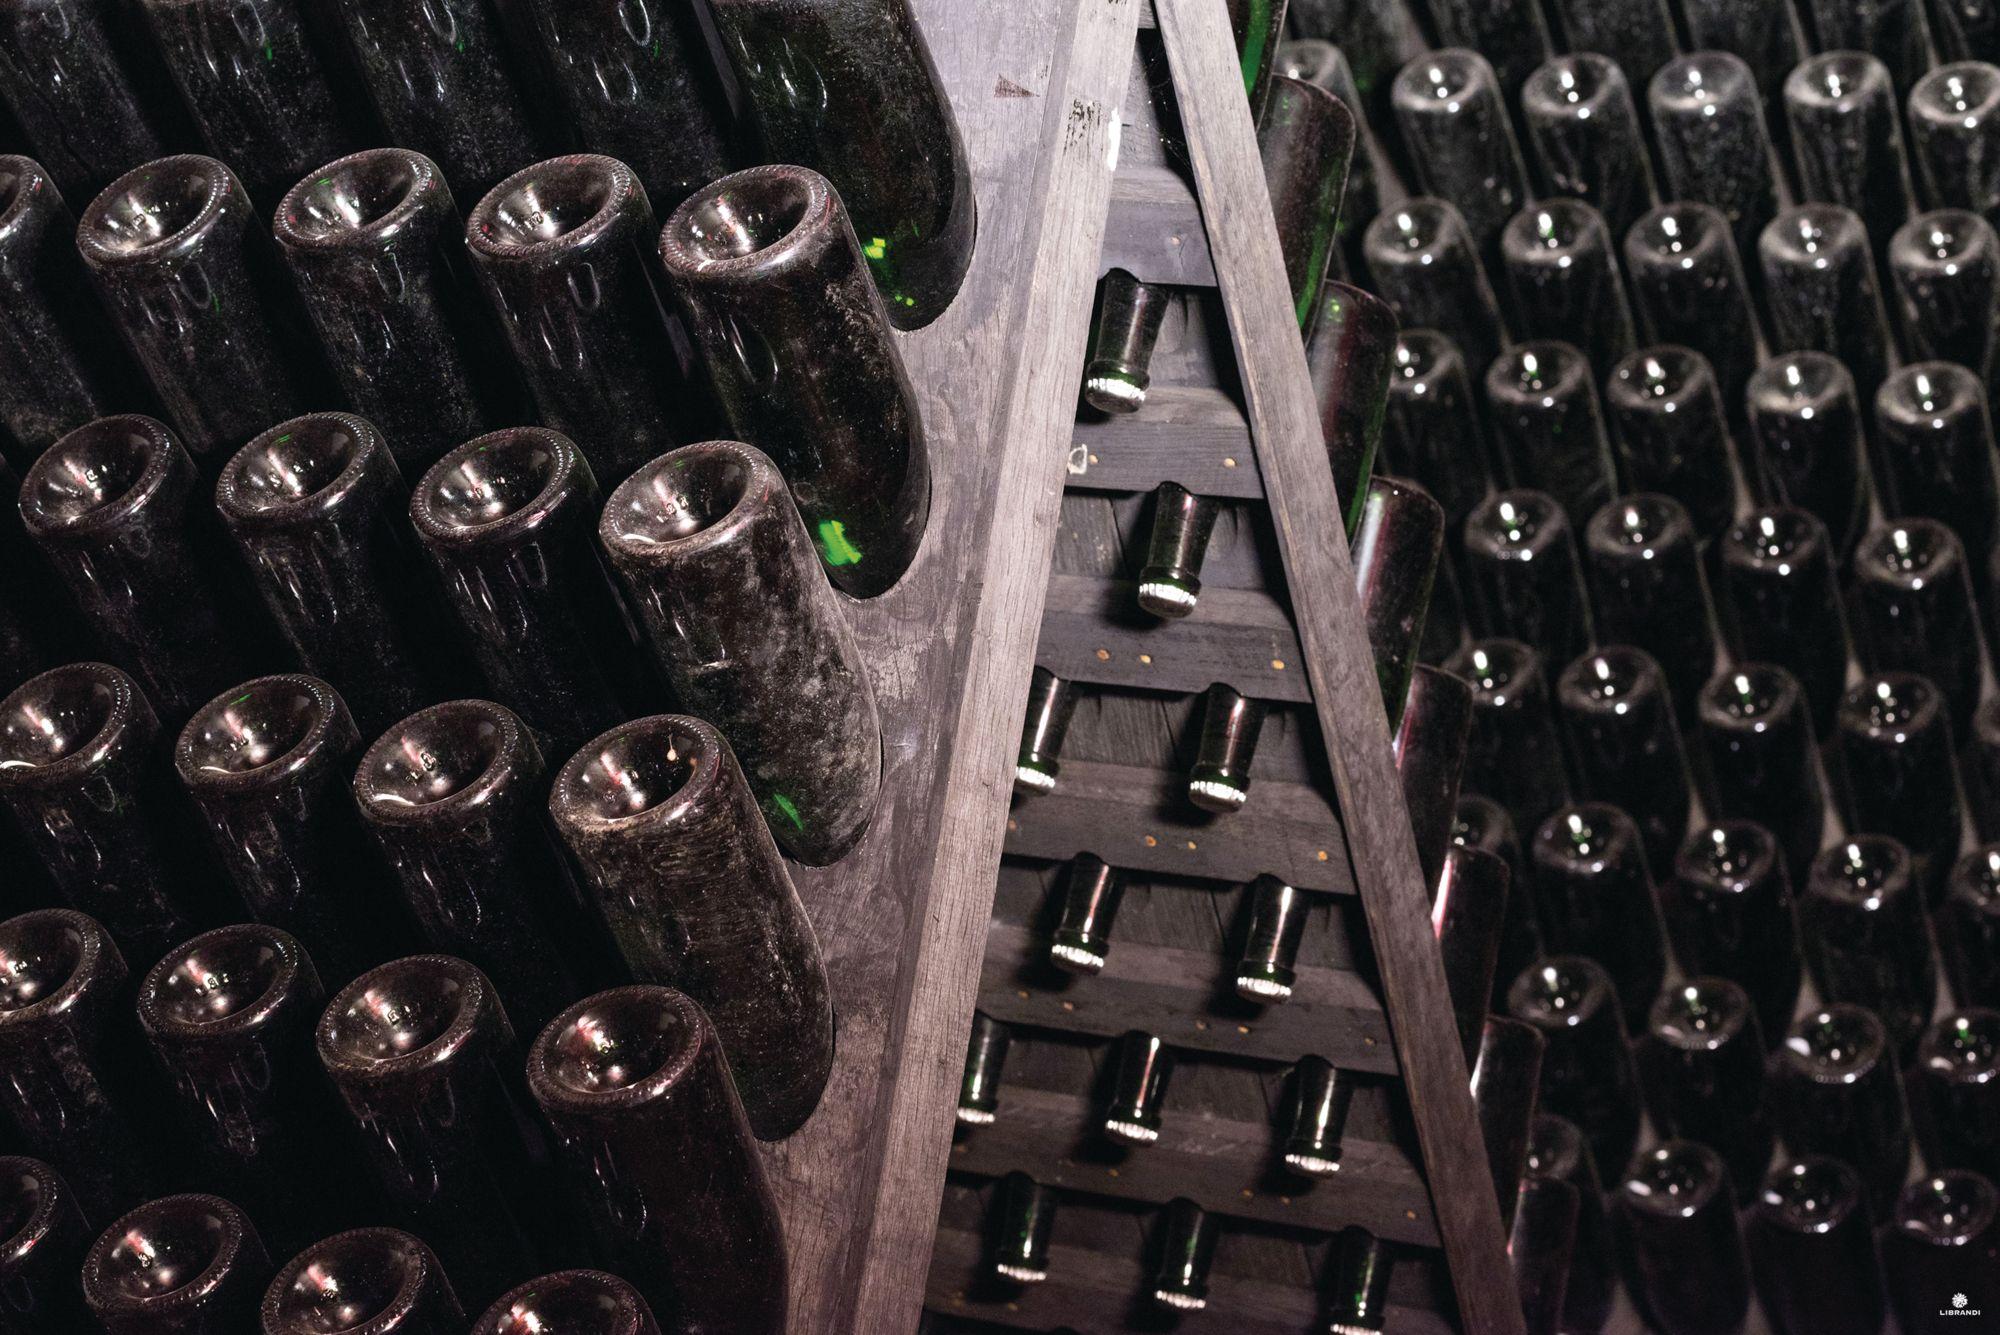 在義大利葡萄酒的世界裡,最迷人的不是赫赫有名的名牌,而是那些由小地主和小企業所管理的釀酒廠?